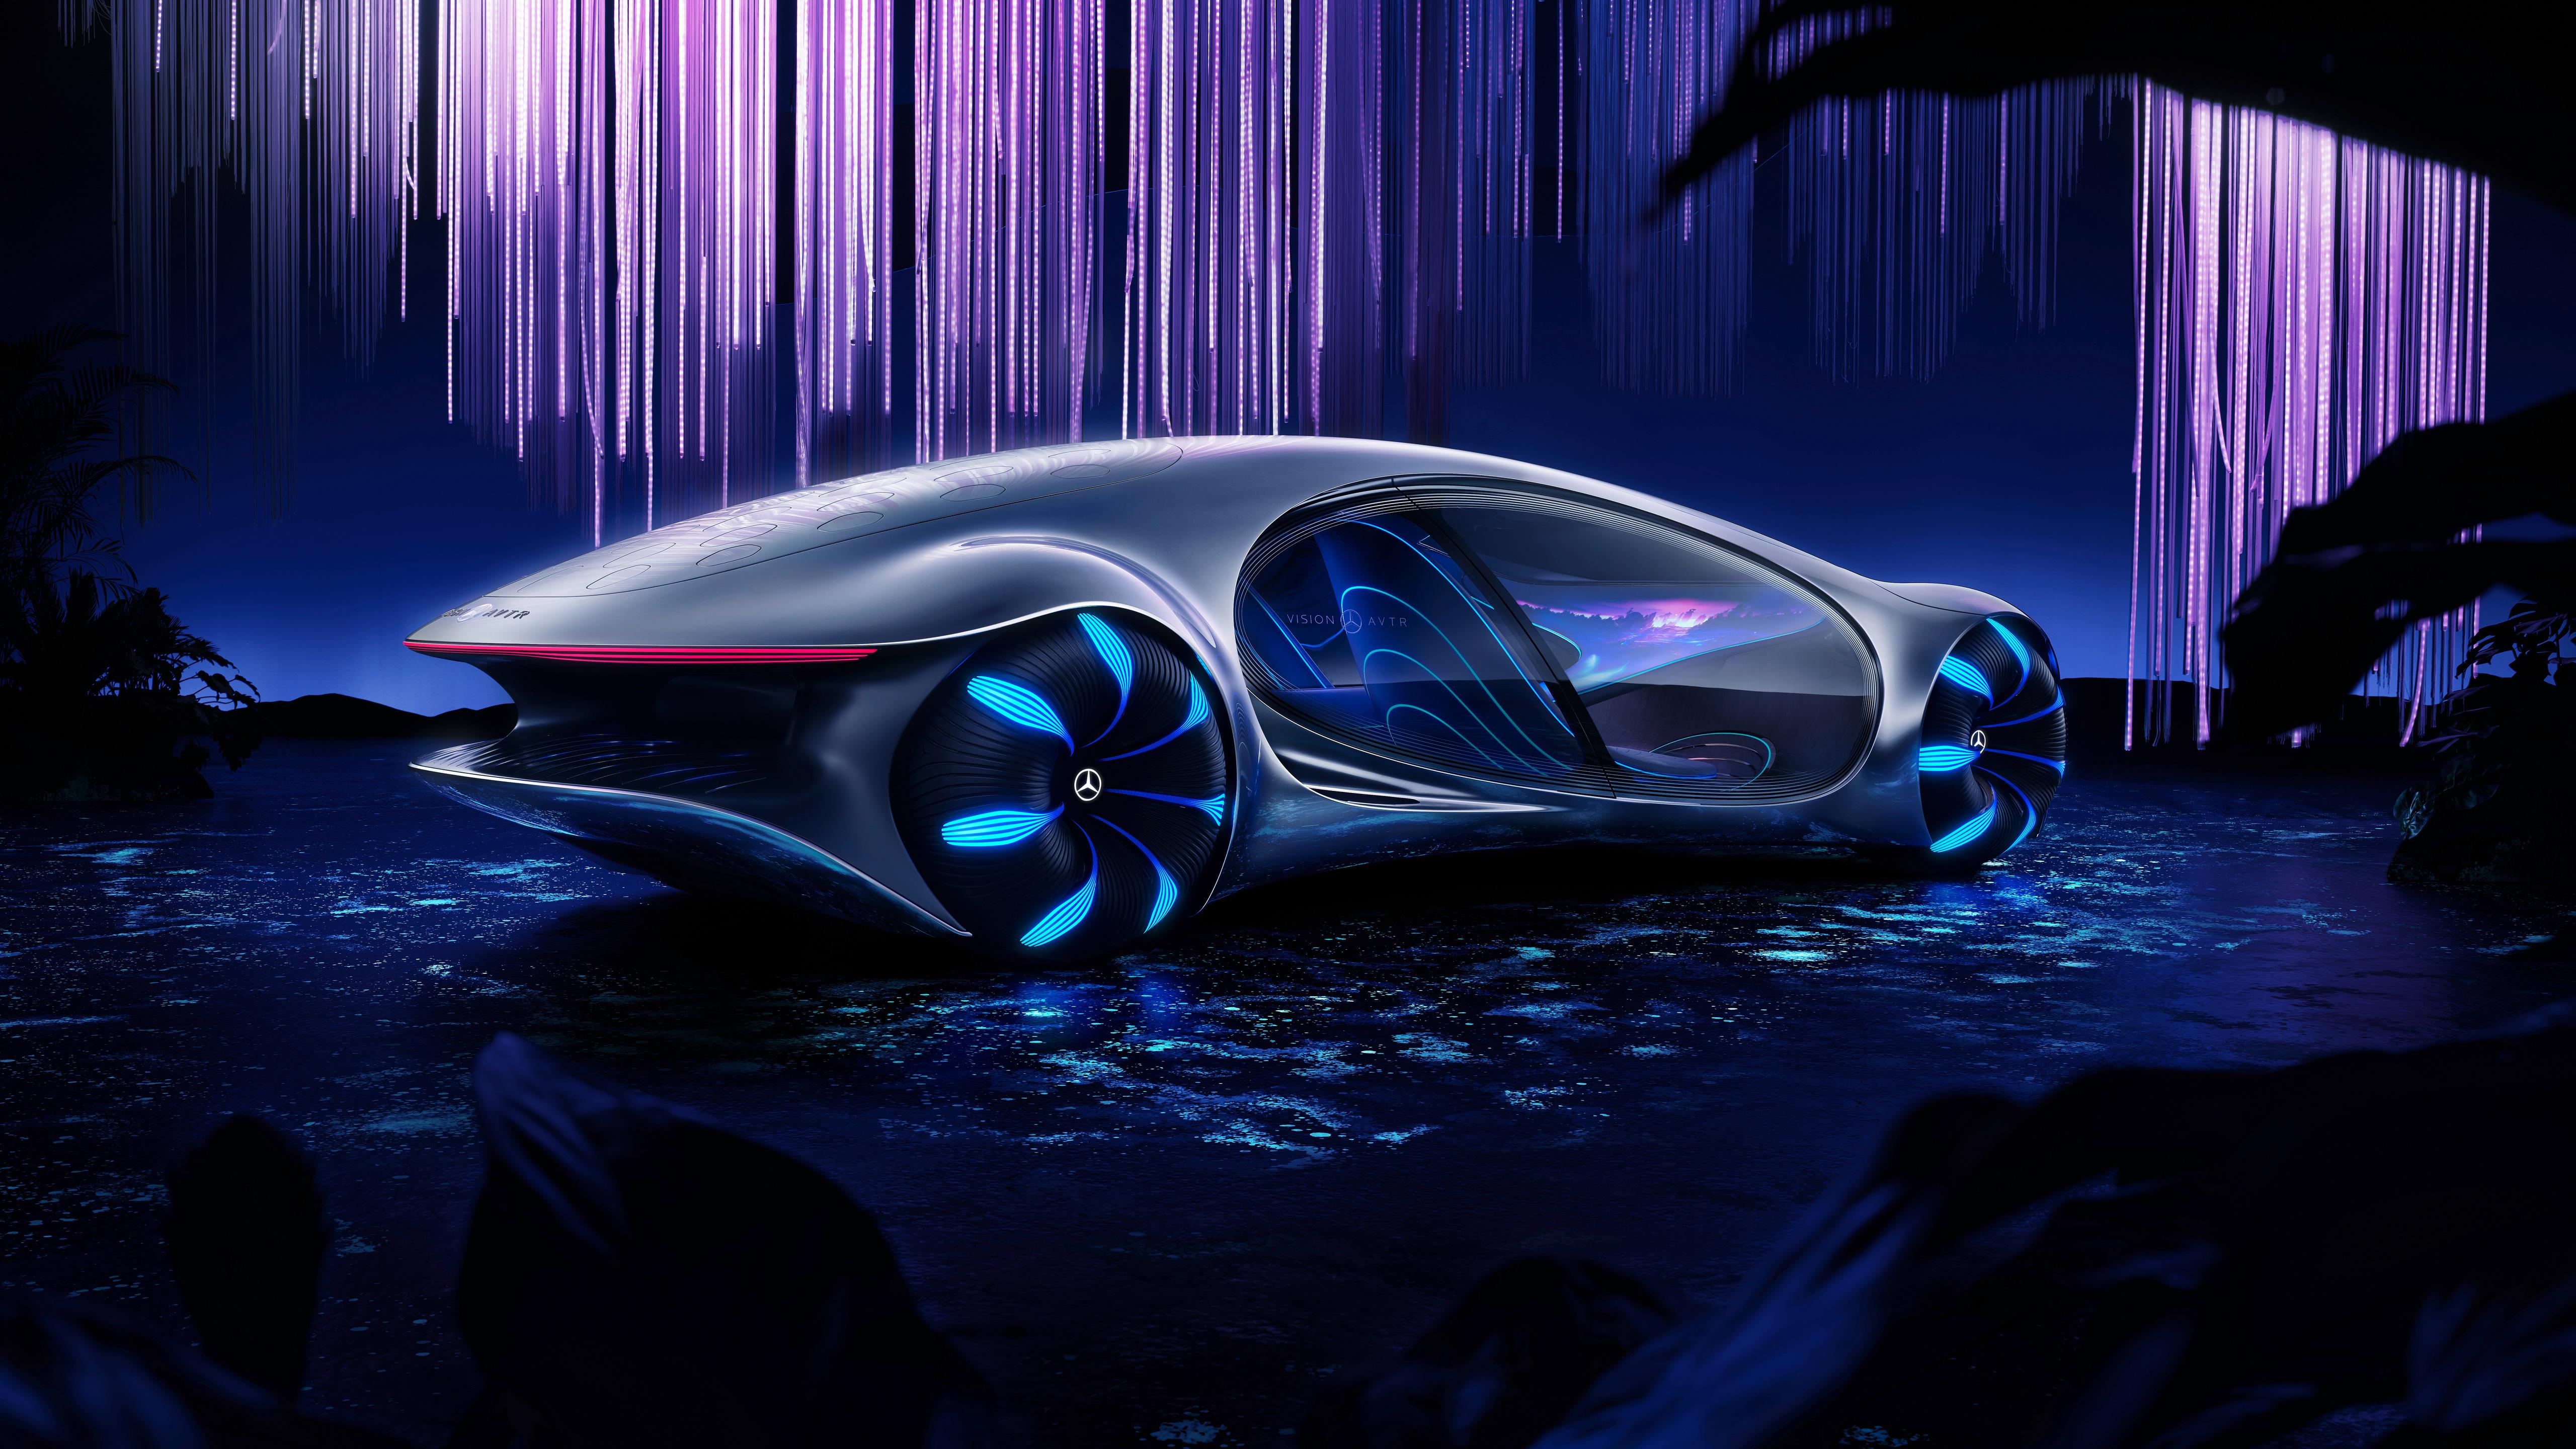 10k-mercedes-benz-vision-avtr-2020-4j.jpg